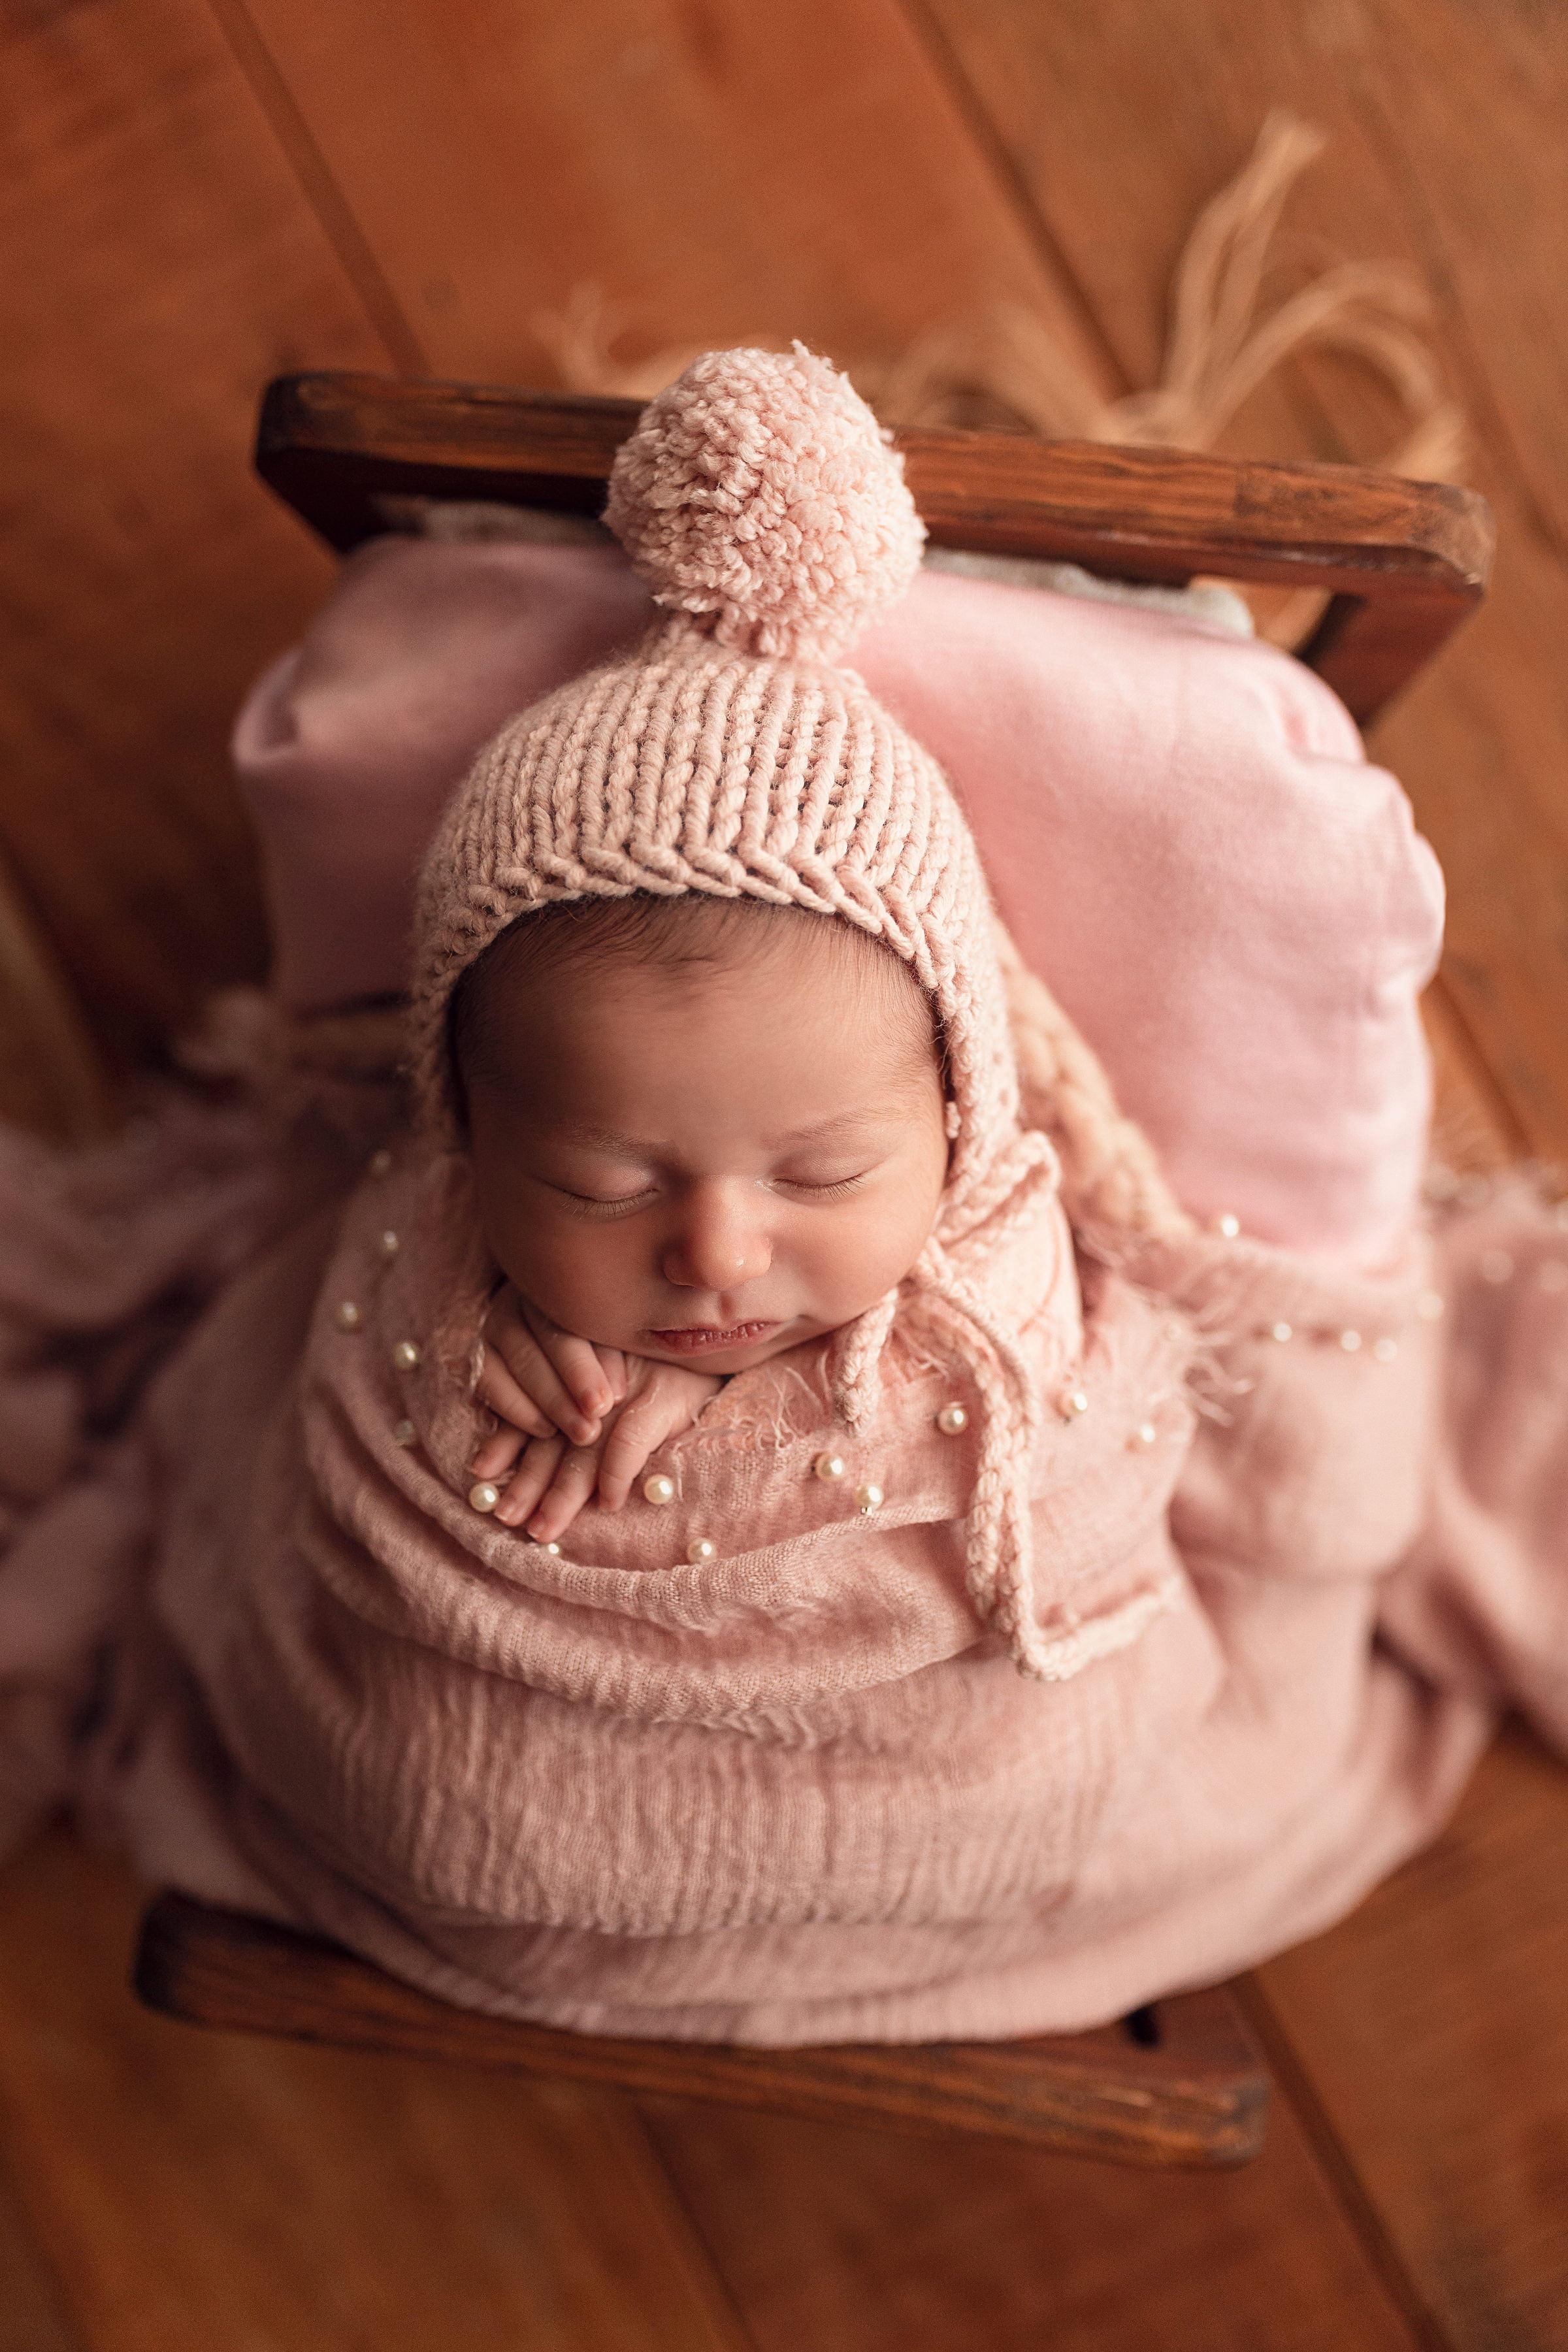 ensaio-newborn-fotografia-rio-de-janeiro-rj-barra-da-tijuca-estudio-em-casa-domicilio-perinatal-laranjeiras-zona-sul-sao-paulo-sp-rogerio-leandro-dr-workshop-mentoria-vip-melhor-6.jpg